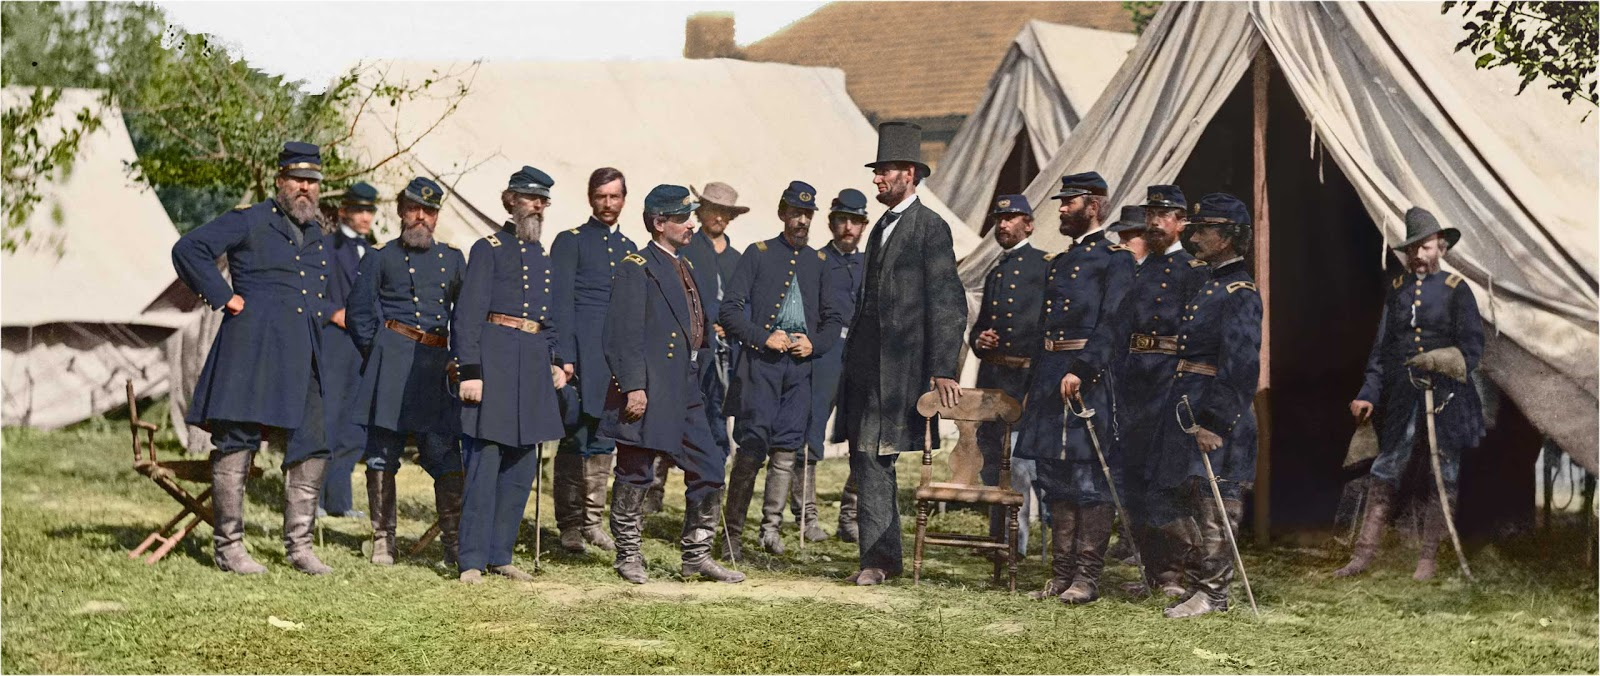 civil-war-in-color-lincoln-24.jpg